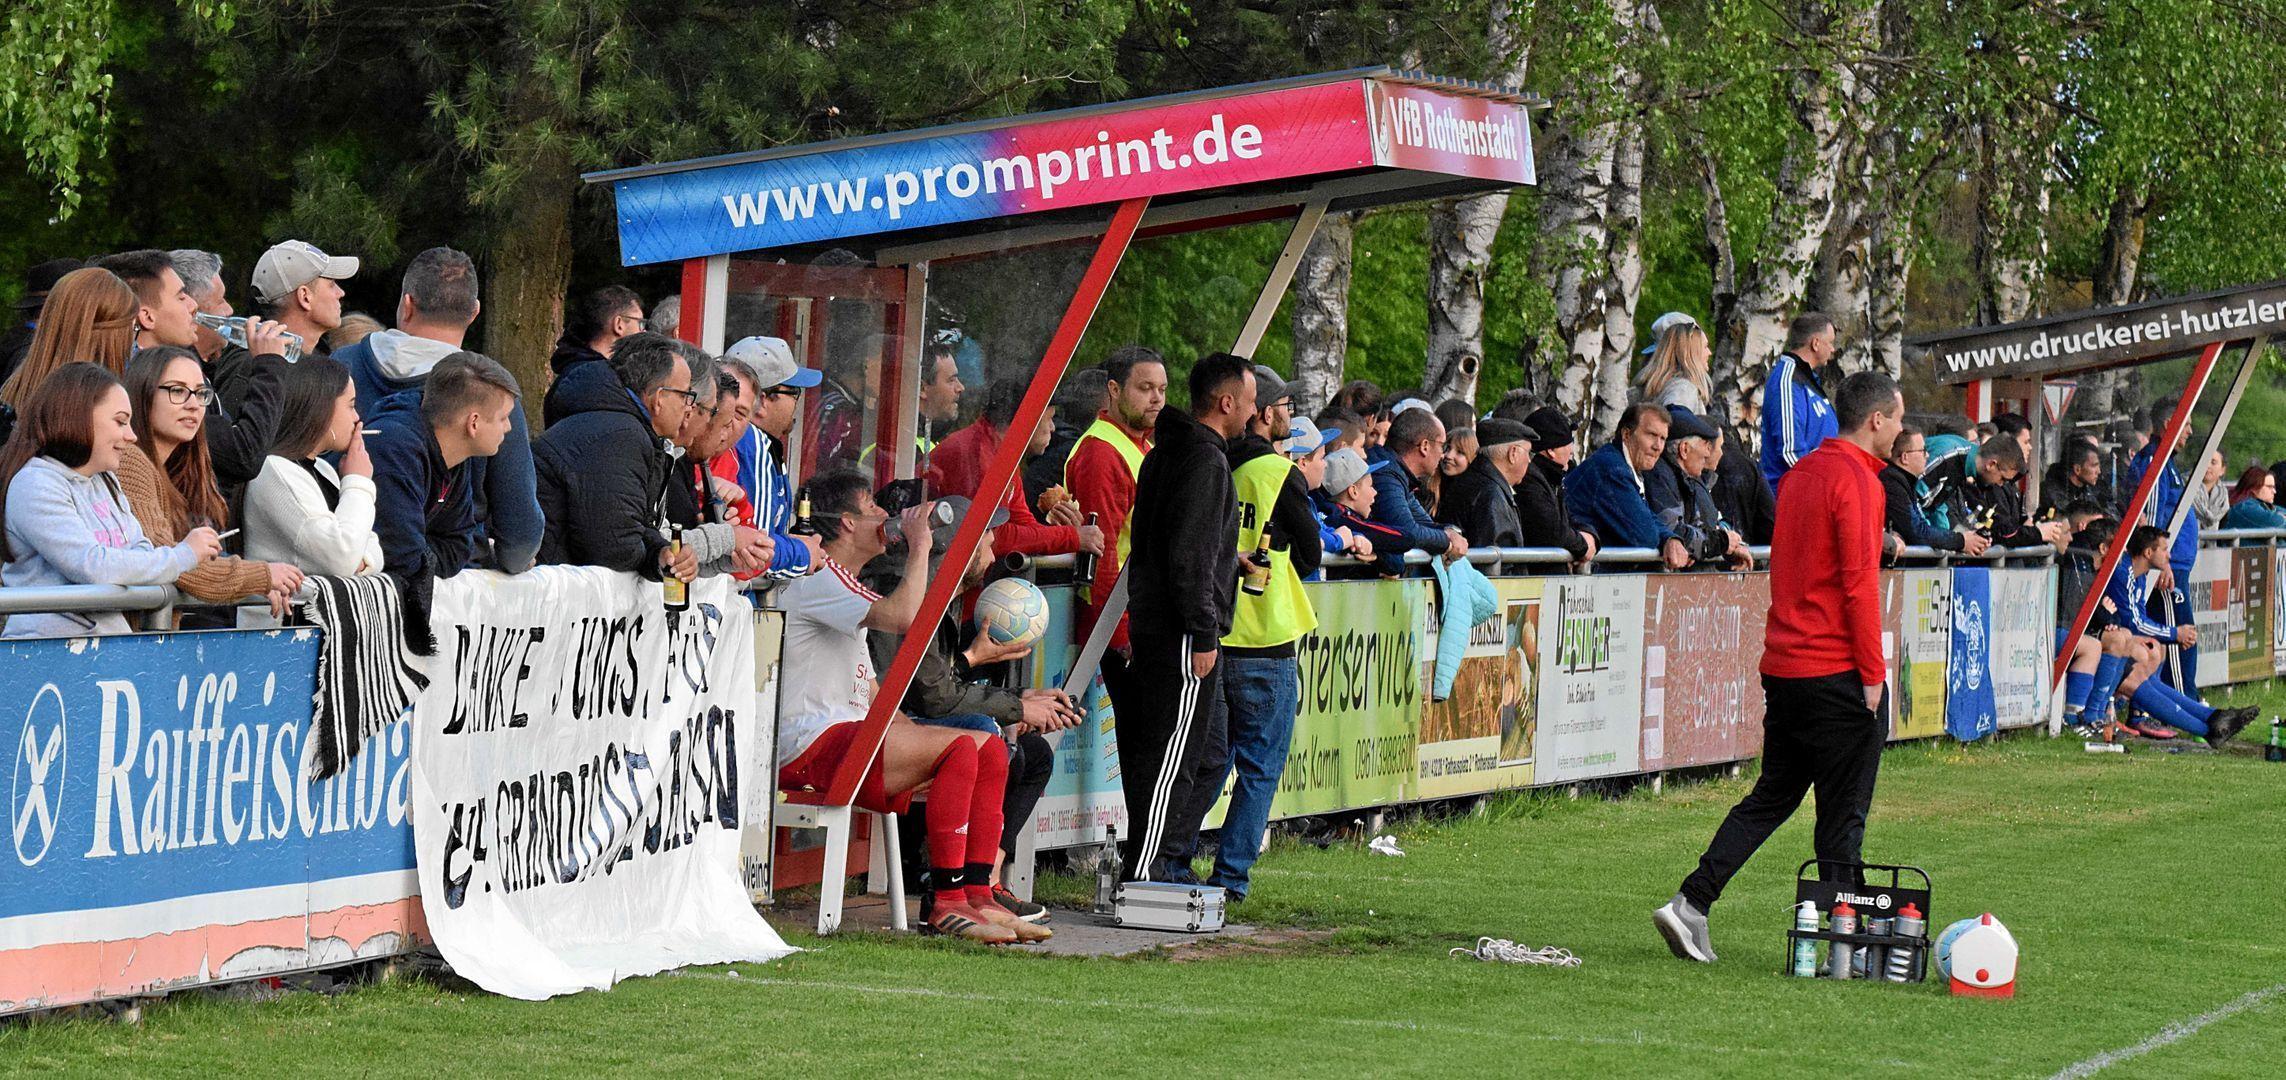 Herzlich willkommen beimVfB Rothenstadt -